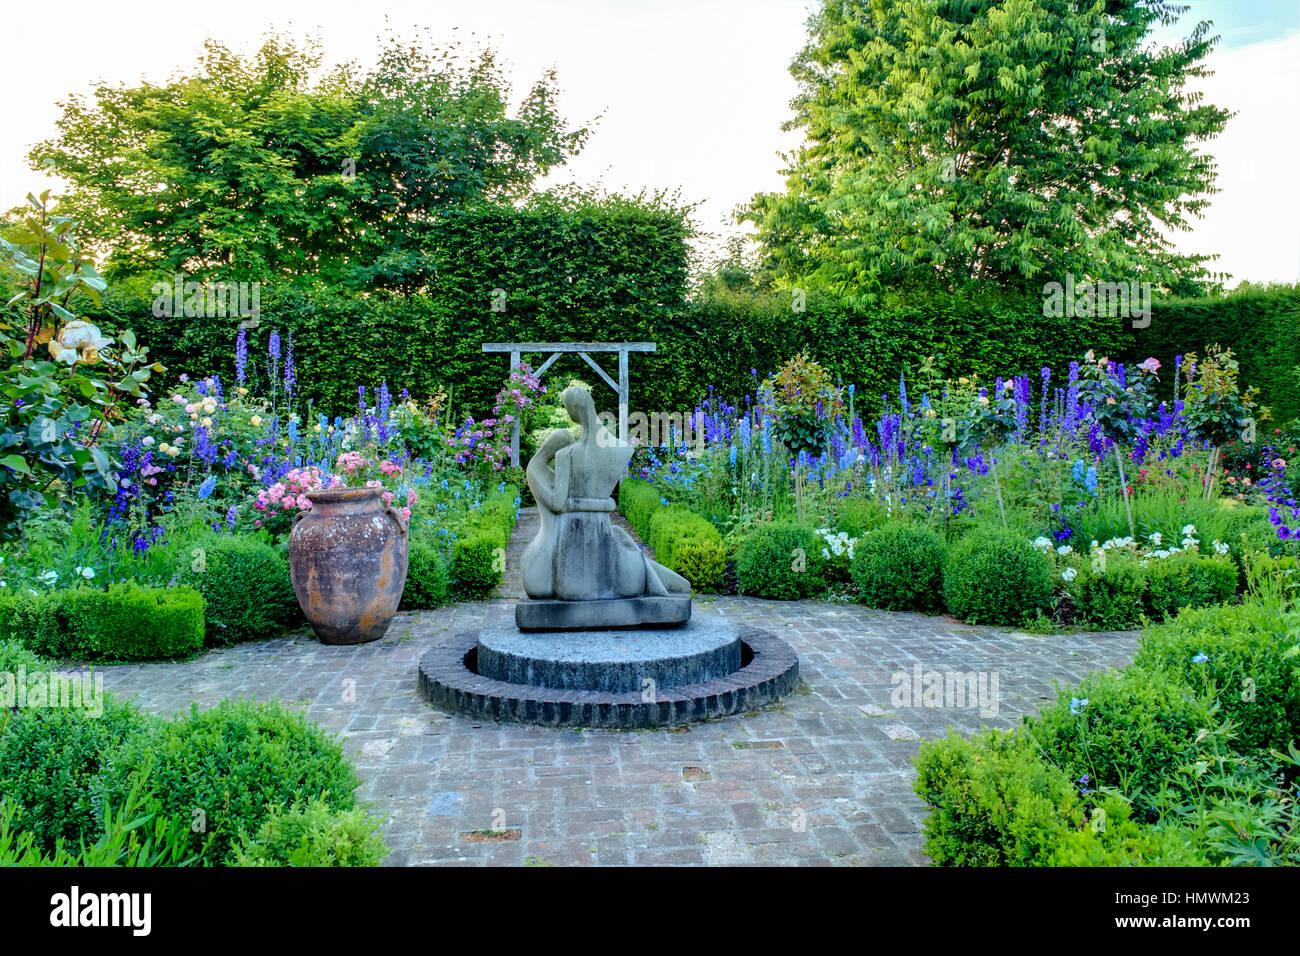 Jardins du pays d 39 auge normandy france here jardin de l 39 amo - Journal du pays d auge ...